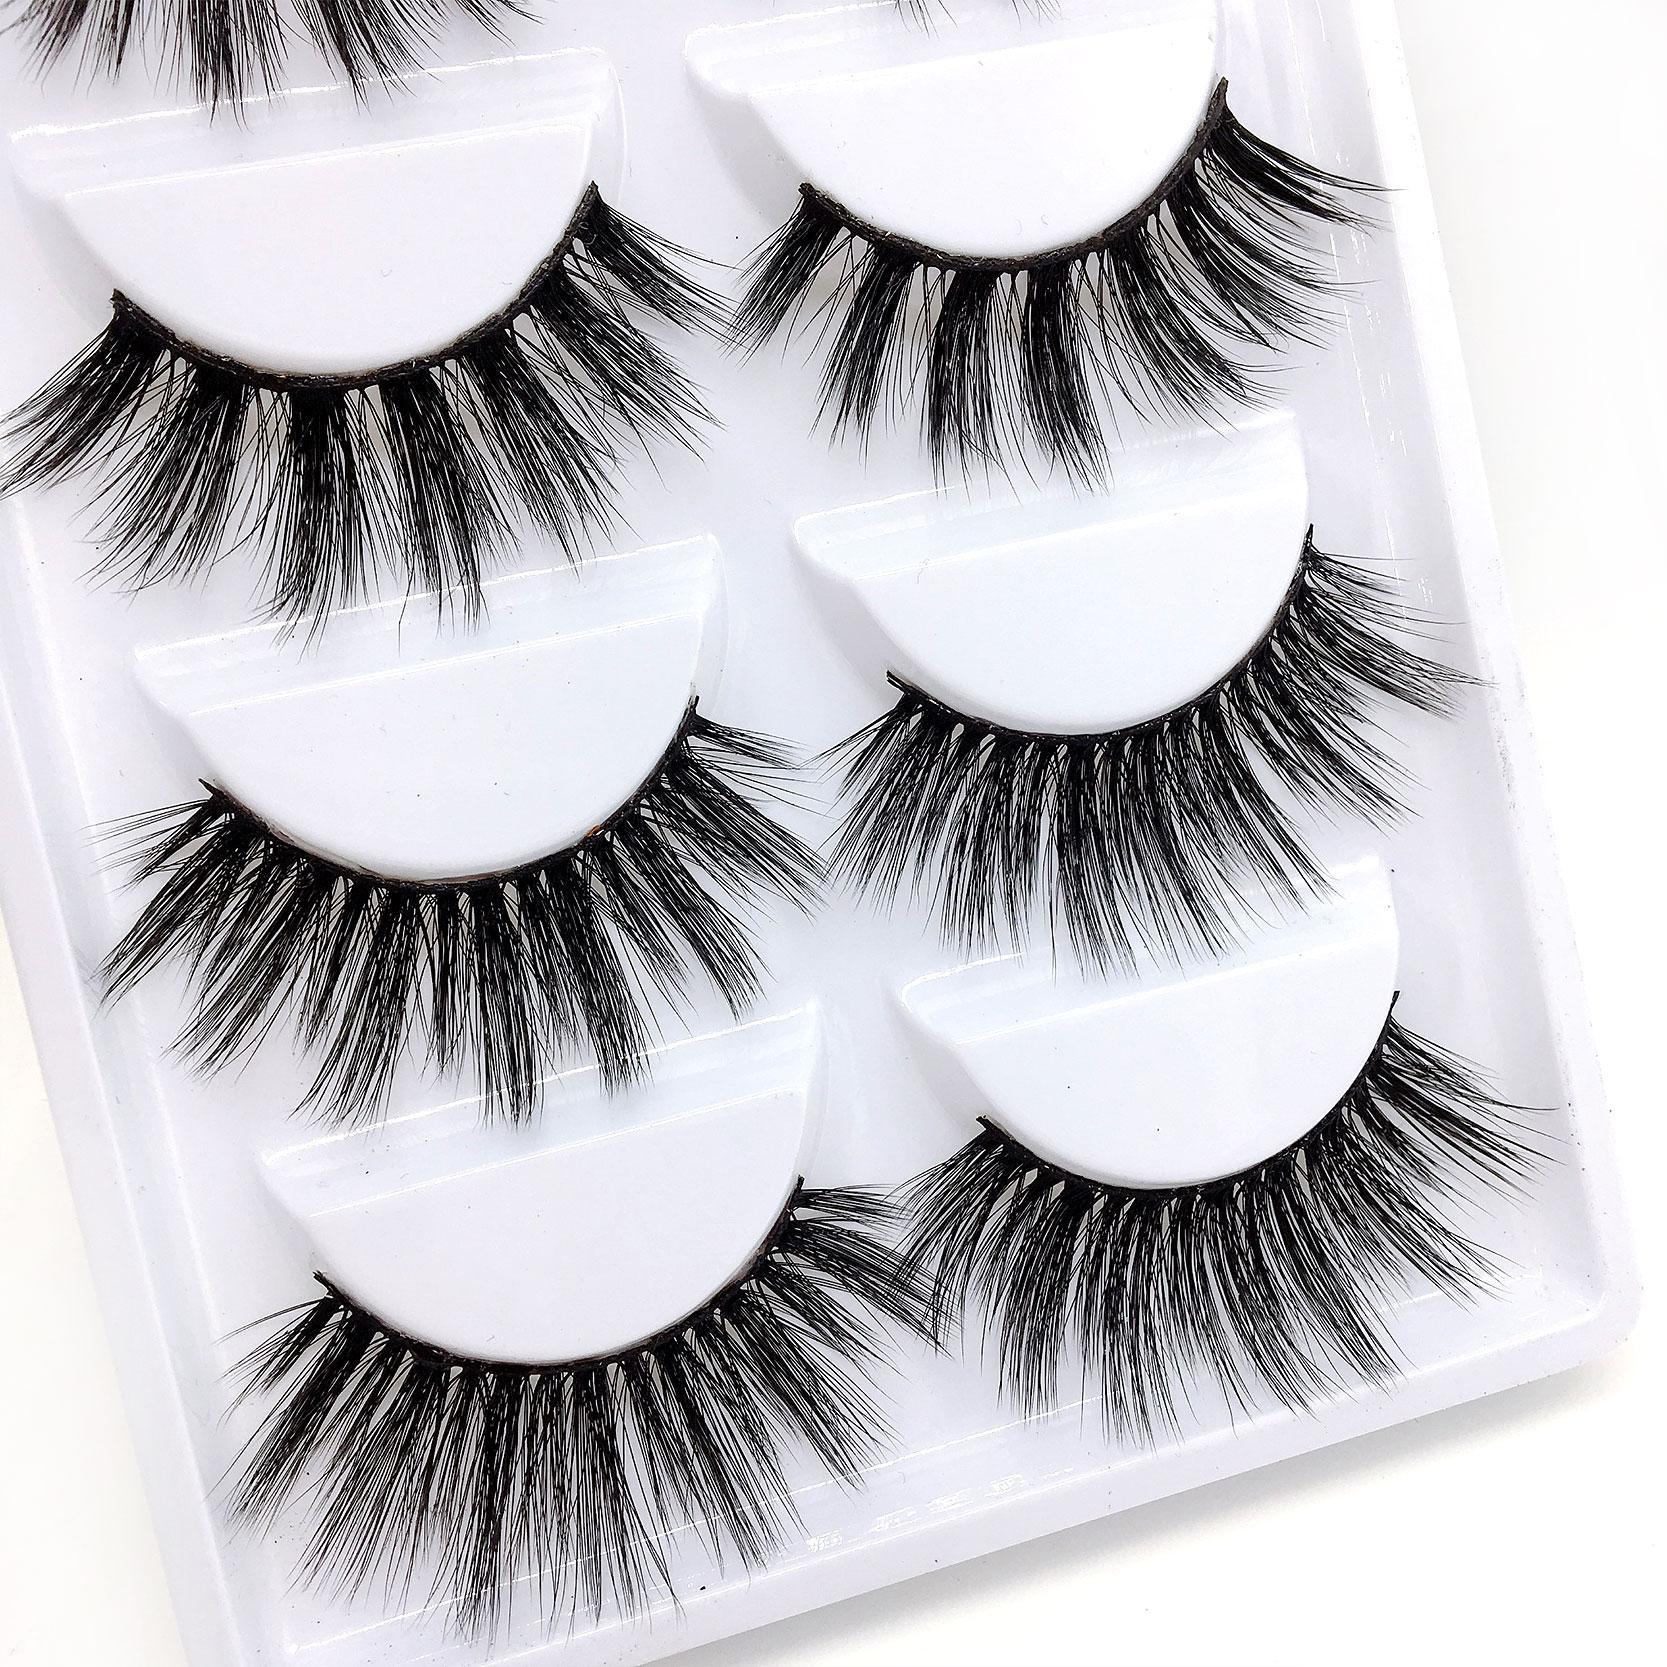 Hot New mix 6 Style Multipack Faux cils 3D Cils de vison doux Wispy Longs Faux Cils Maquillage des yeux naturel Faux Cils Mix E